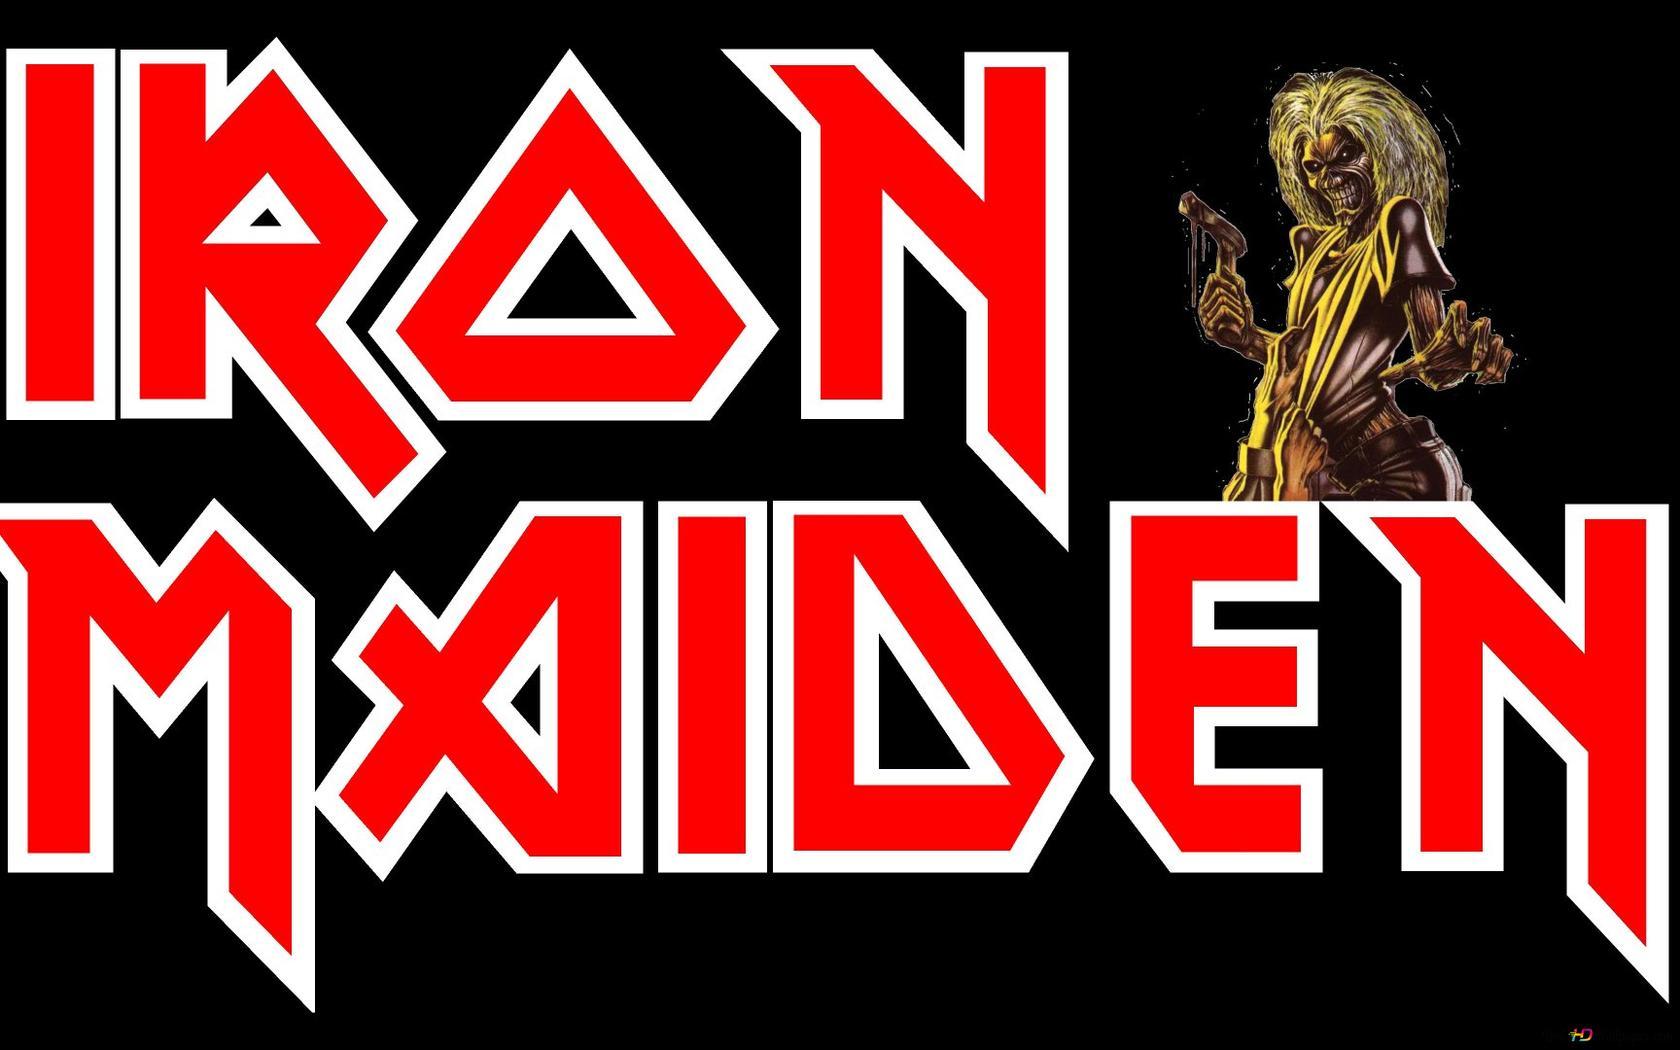 Bilder iron maiden eddie Eddie the